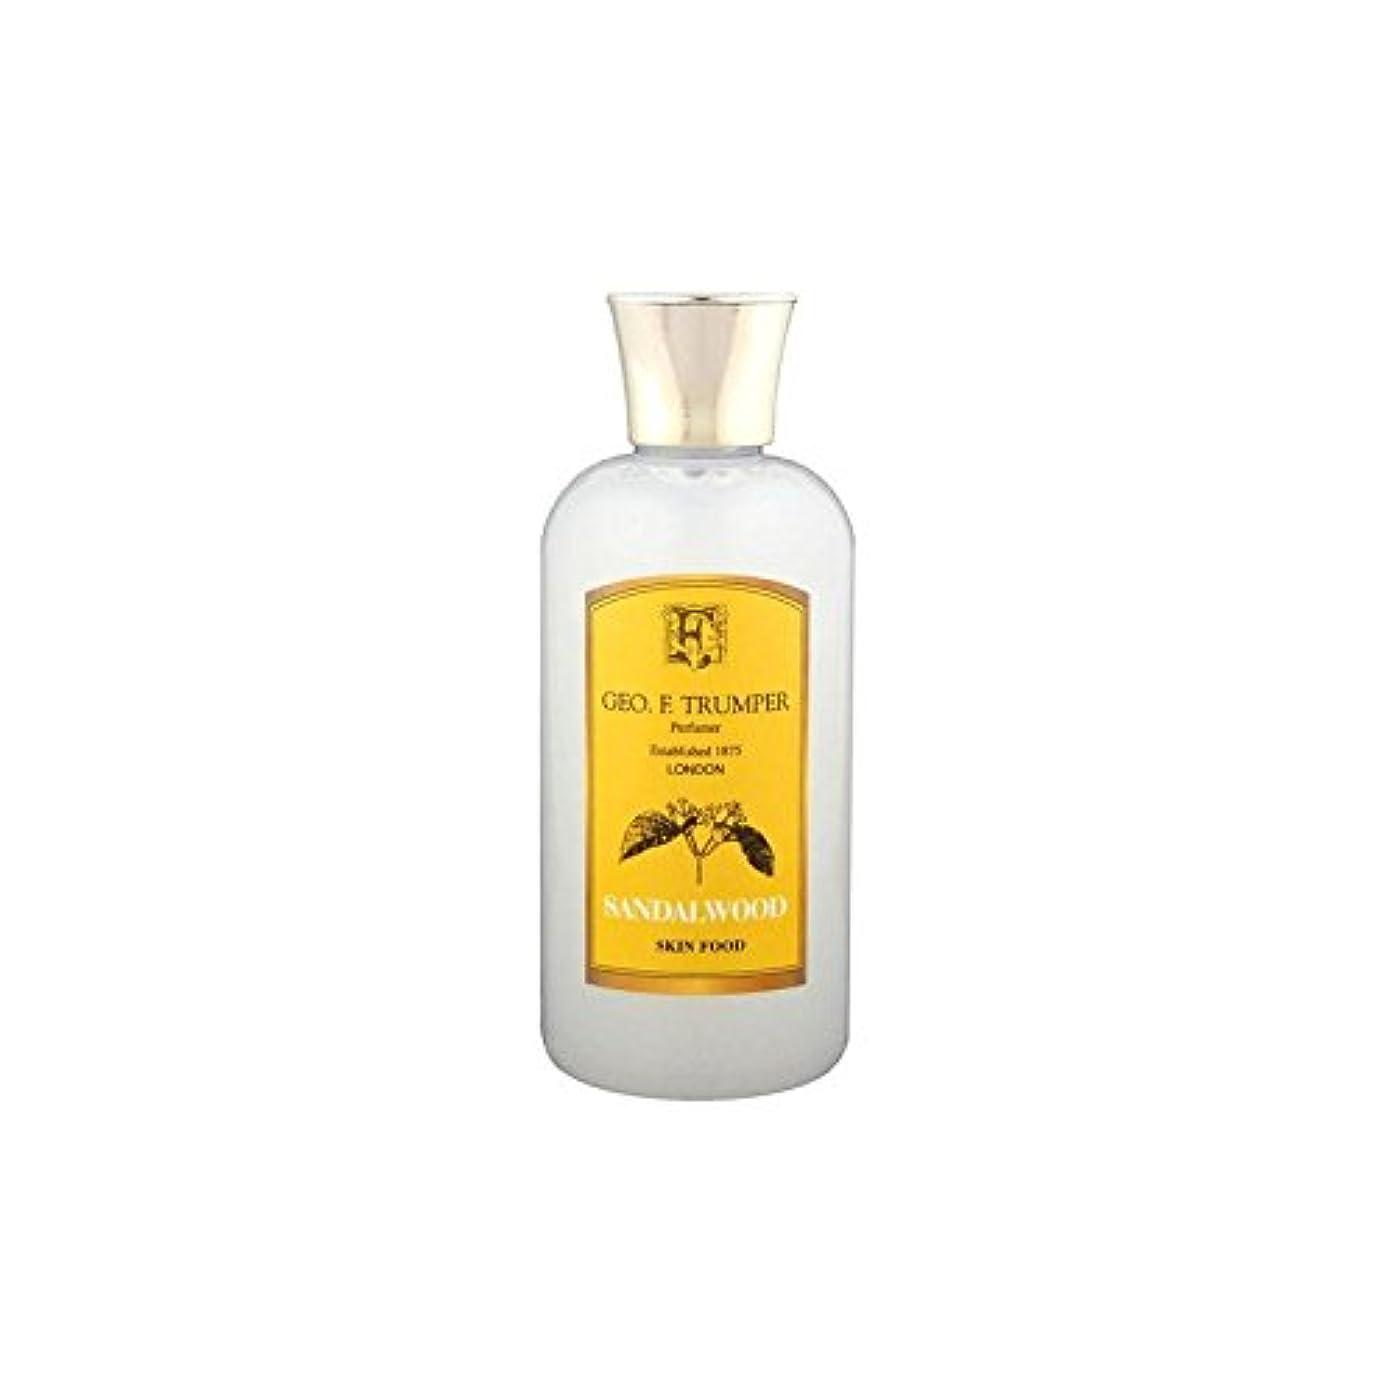 成熟持つオレンジTrumpers Sandalwood Skin Food - 100ml Travel (Pack of 6) - サンダルウッドスキンフード - 100ミリリットル旅 x6 [並行輸入品]